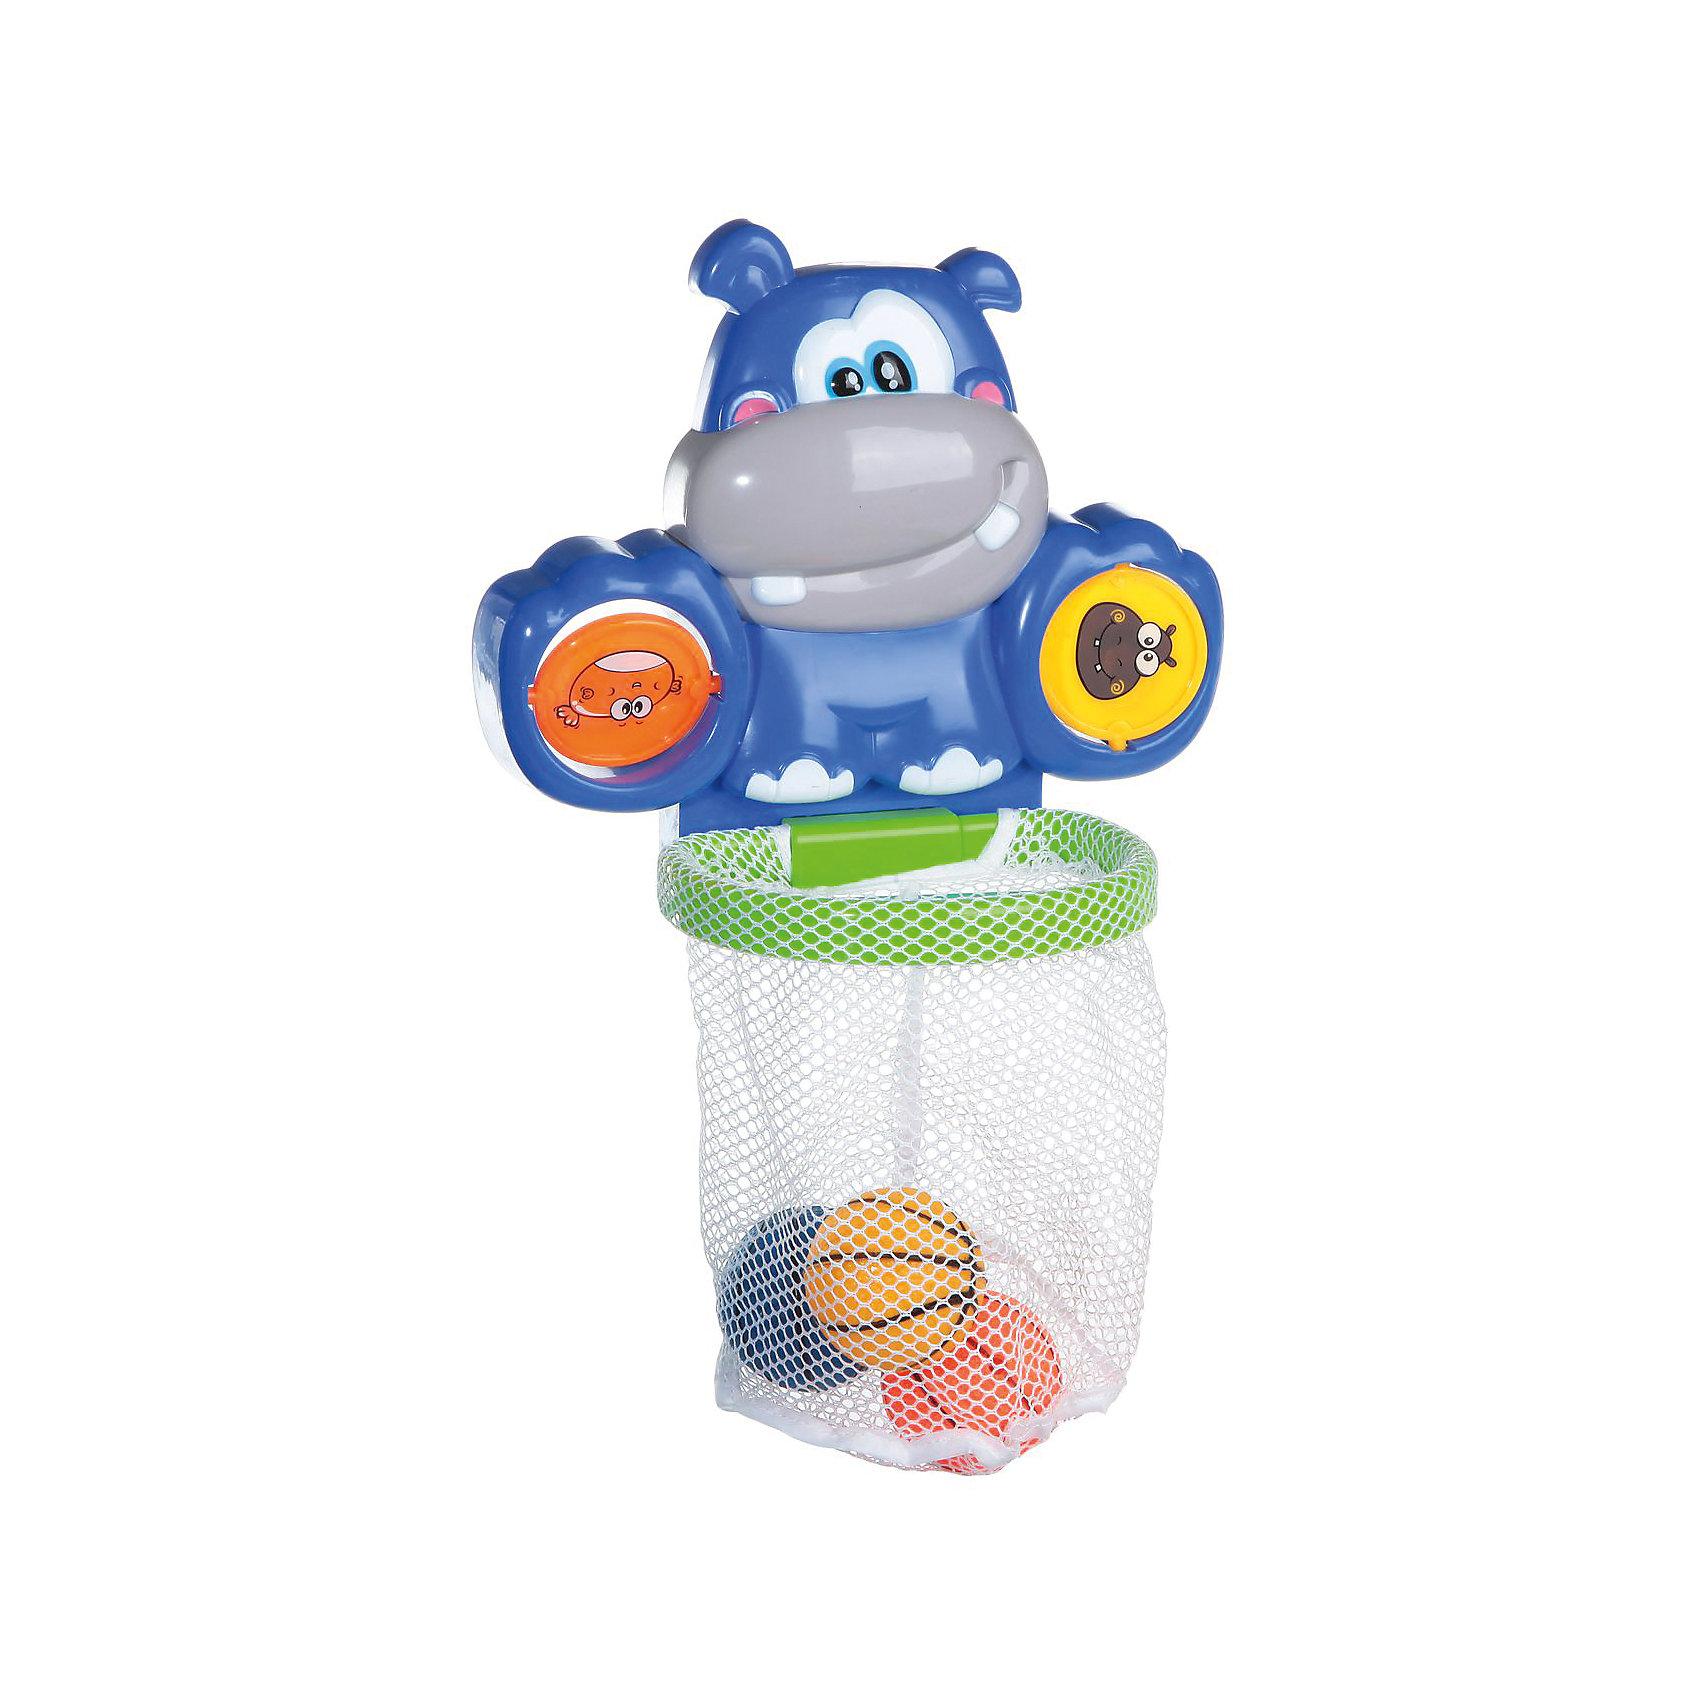 Водный баскетбол для ванной, с аксессуарами, 6 предм, Веселое купание, ABtoysИгрушки для ванной<br>Веселое купание. Водный баскетбол для ванной, в наборе с аксессуарами 6 предметов, в коробке, 41,5x6,5x27,5 см<br><br>Ширина мм: 415<br>Глубина мм: 65<br>Высота мм: 275<br>Вес г: 460<br>Возраст от месяцев: 36<br>Возраст до месяцев: 96<br>Пол: Унисекс<br>Возраст: Детский<br>SKU: 5500933